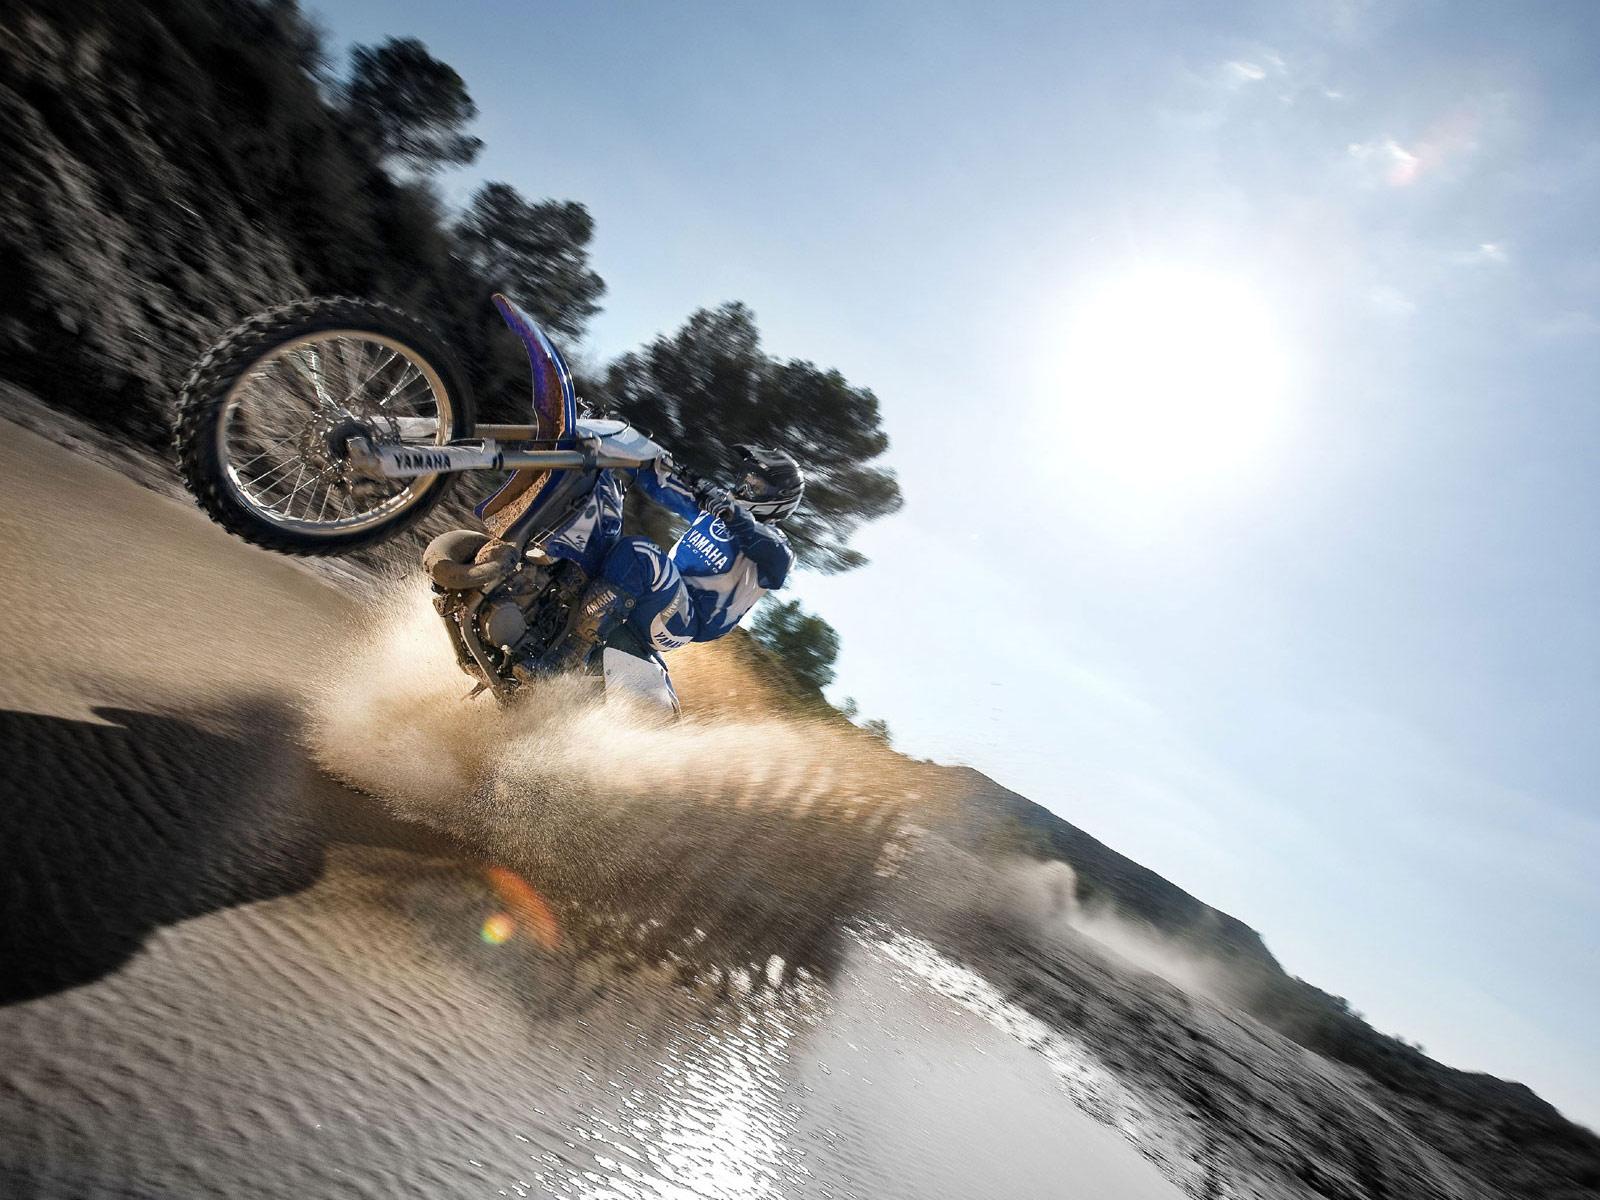 Yamaha 125 Dirt Bike 4 Stroke Wallpaper For Desktop